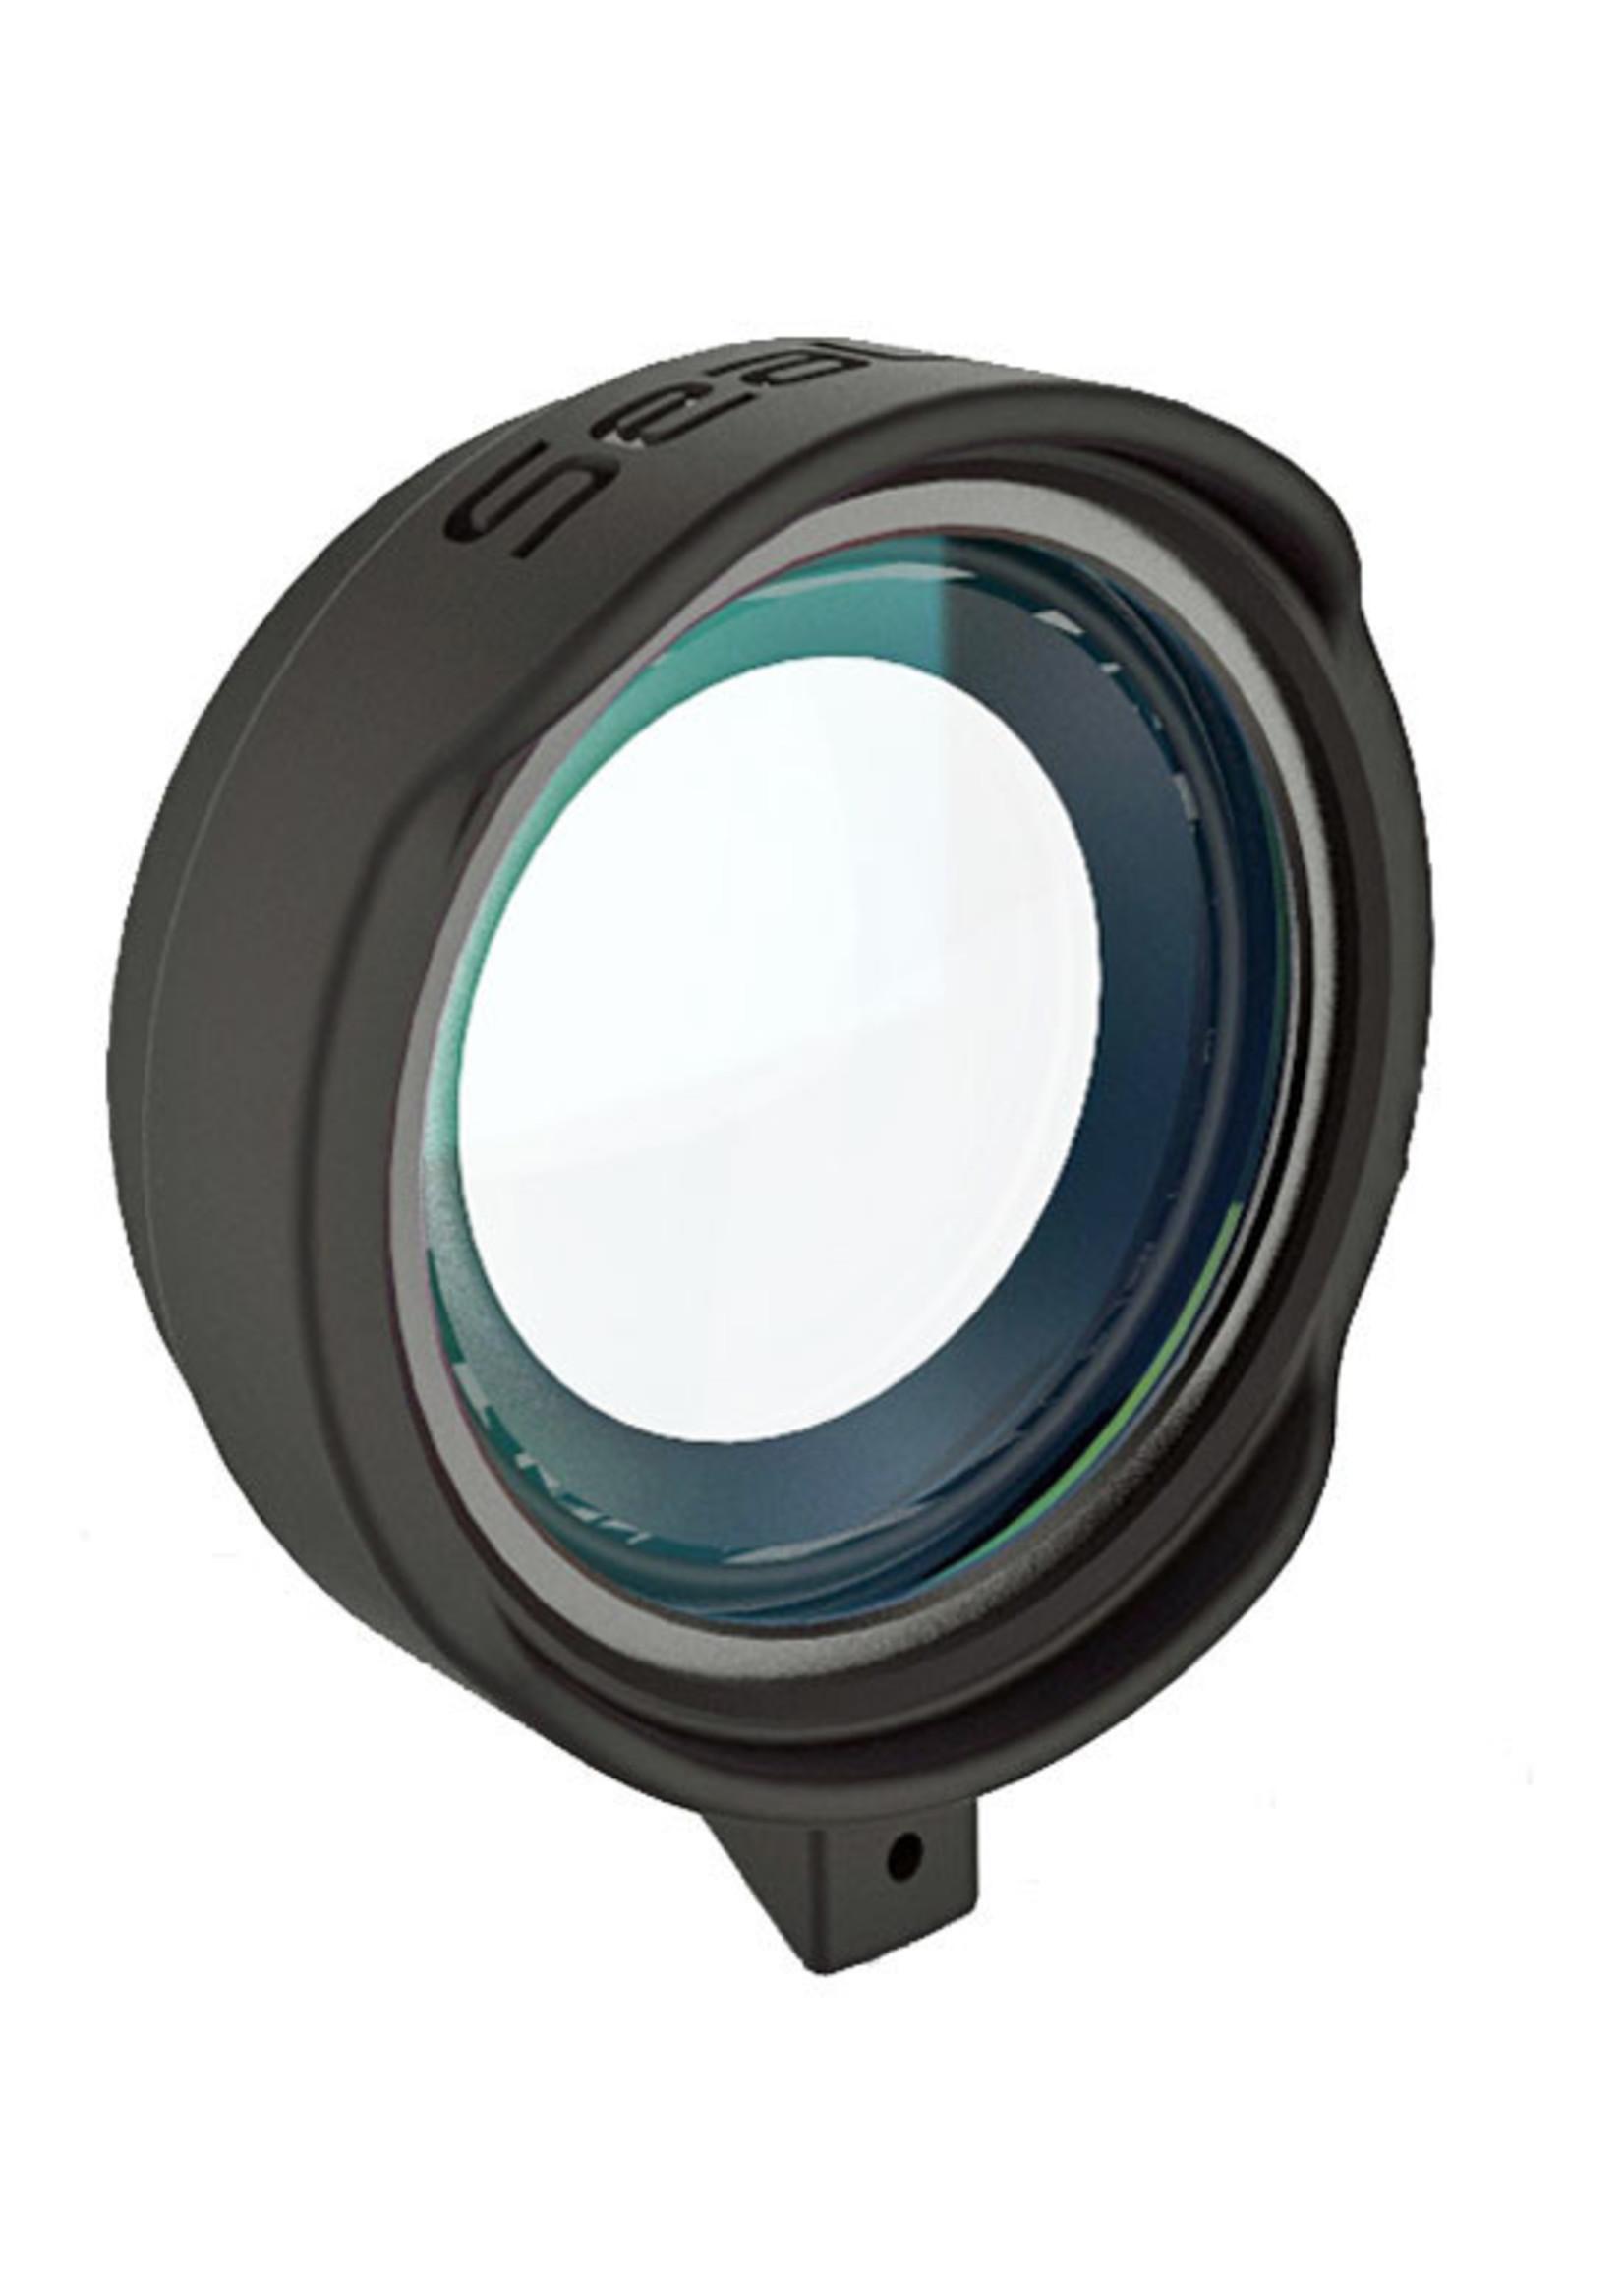 Sealife Micro Series Super Macro Lens